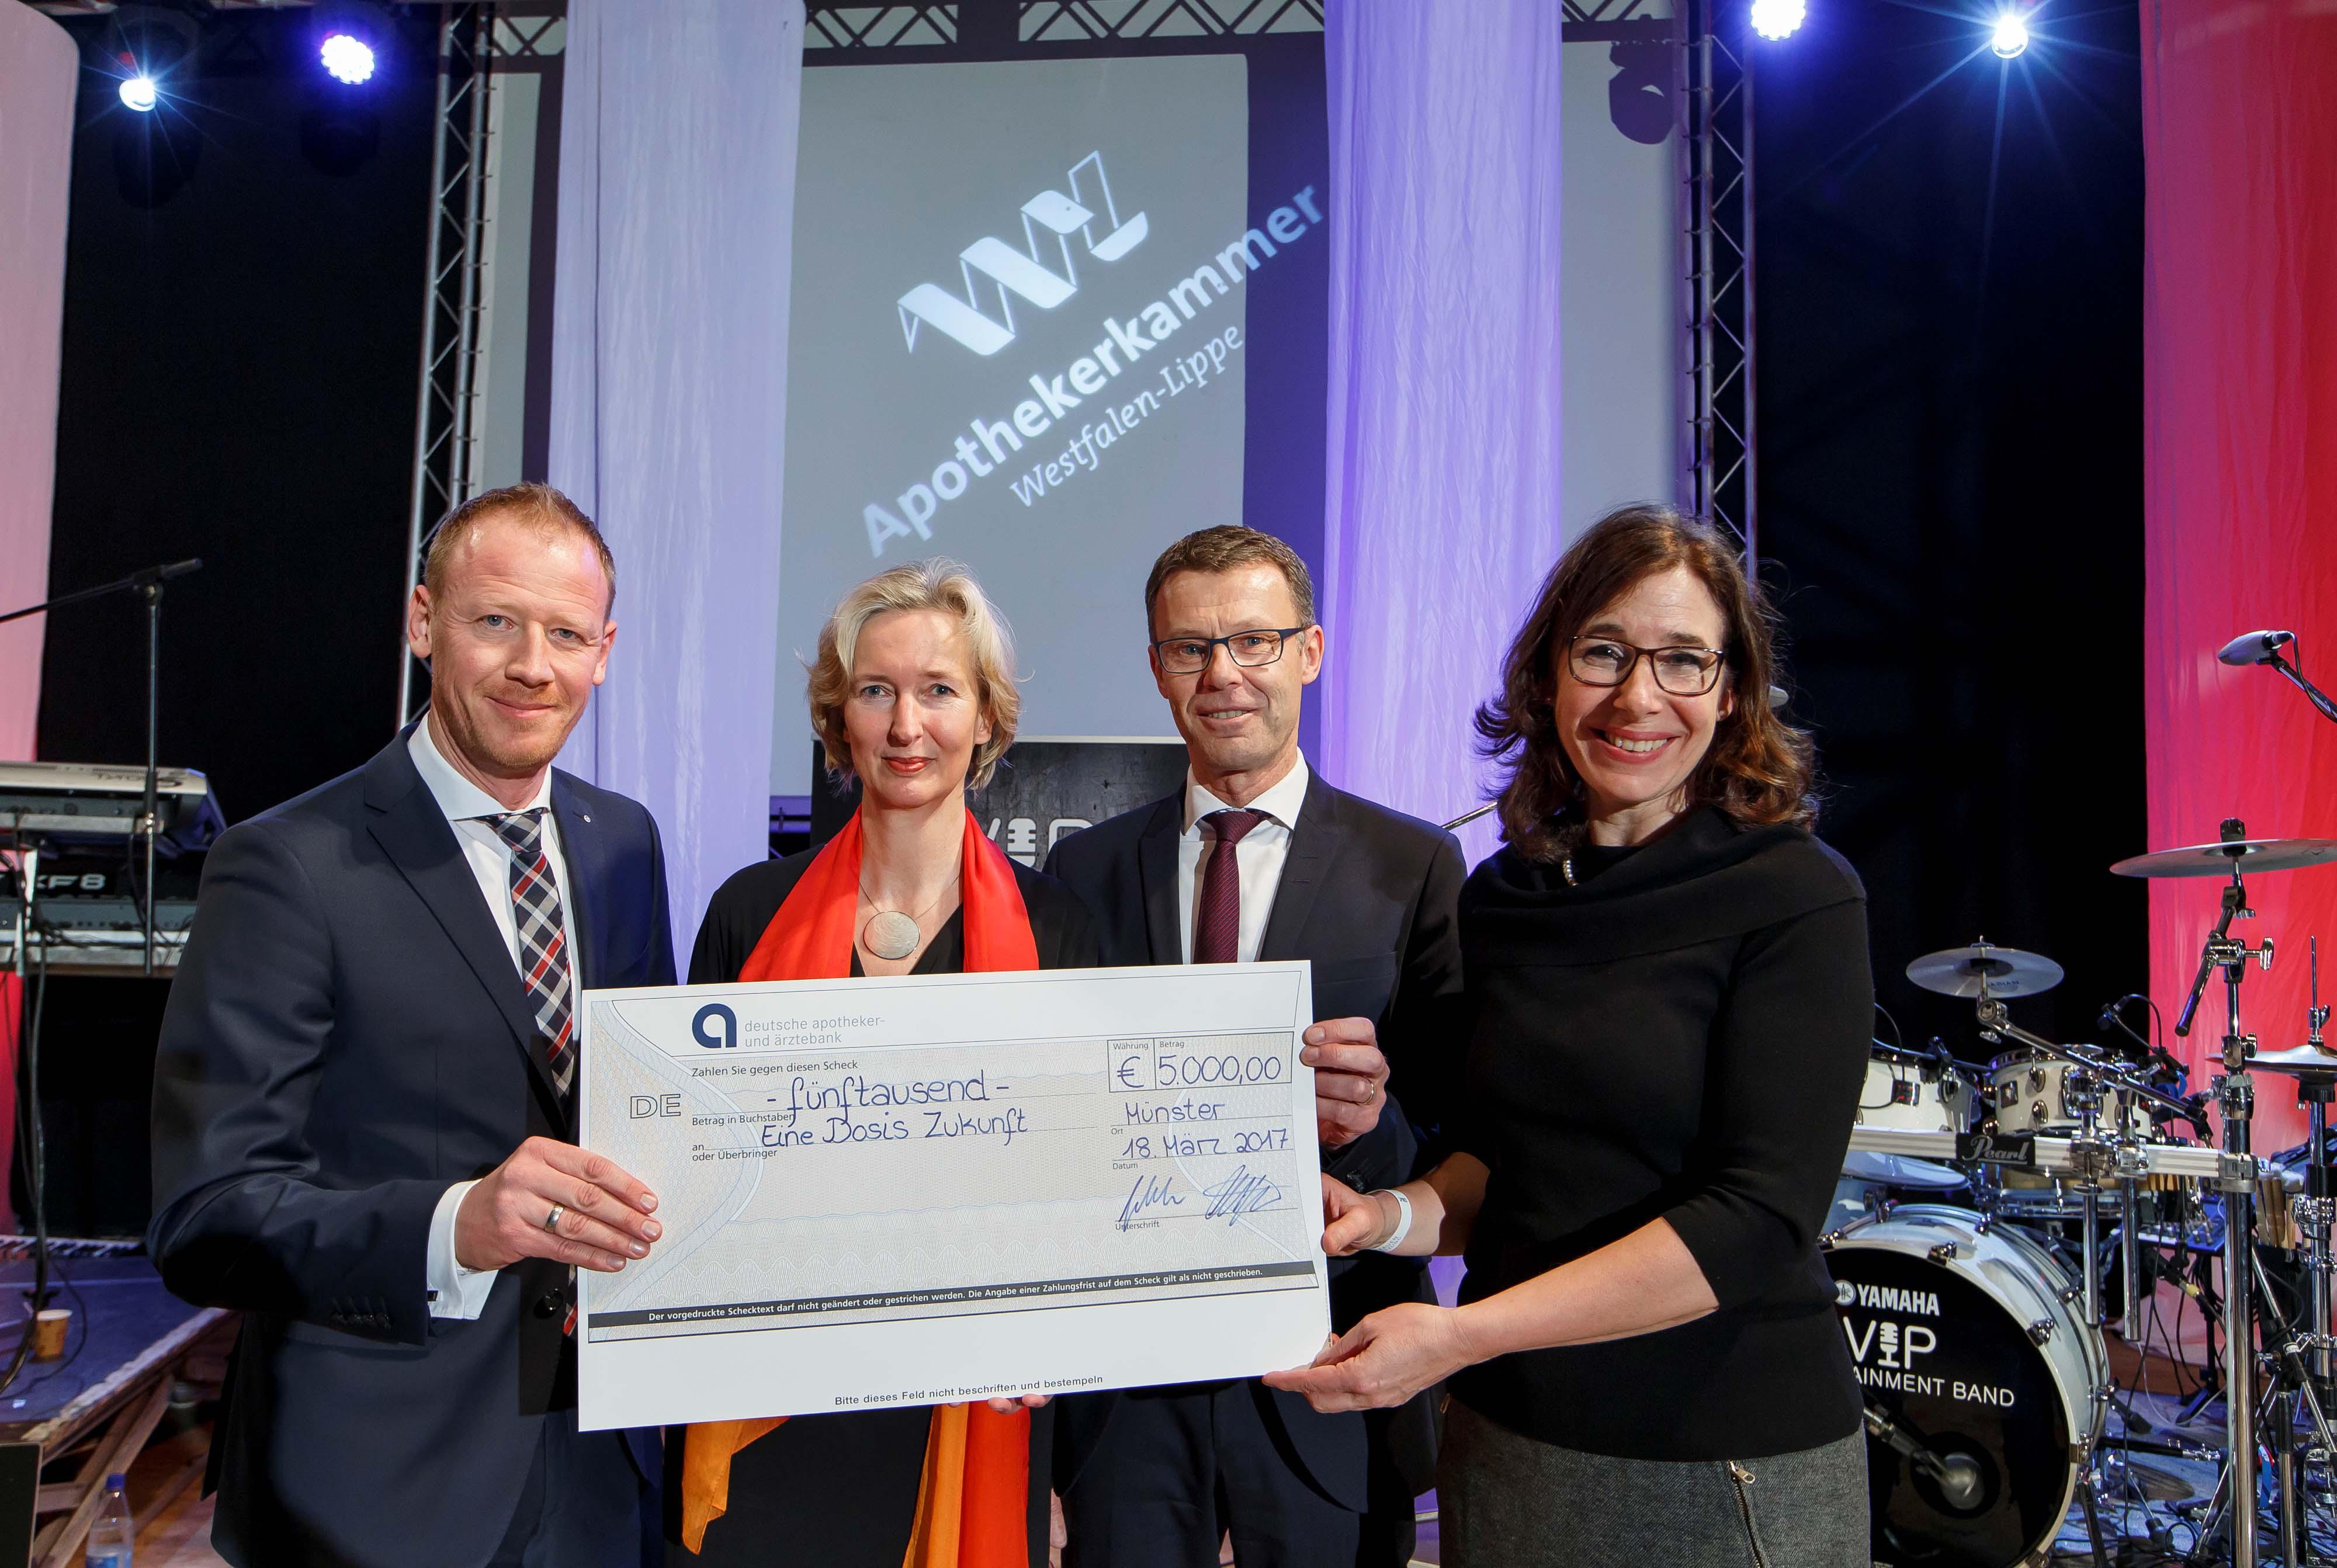 Gabriele Regina Overwiening (Kammerpräsidentin, rechts) und Katrin Weidemann (Vorstandsvorsitzende Kindernothilfe) freuten sich über die Spende der Deutschen Apotheker- und Ärztebank in Höhe von 5.000 Euro aus den Händen von Dirk Altfeld (links) und Franz-Josef Gebker.